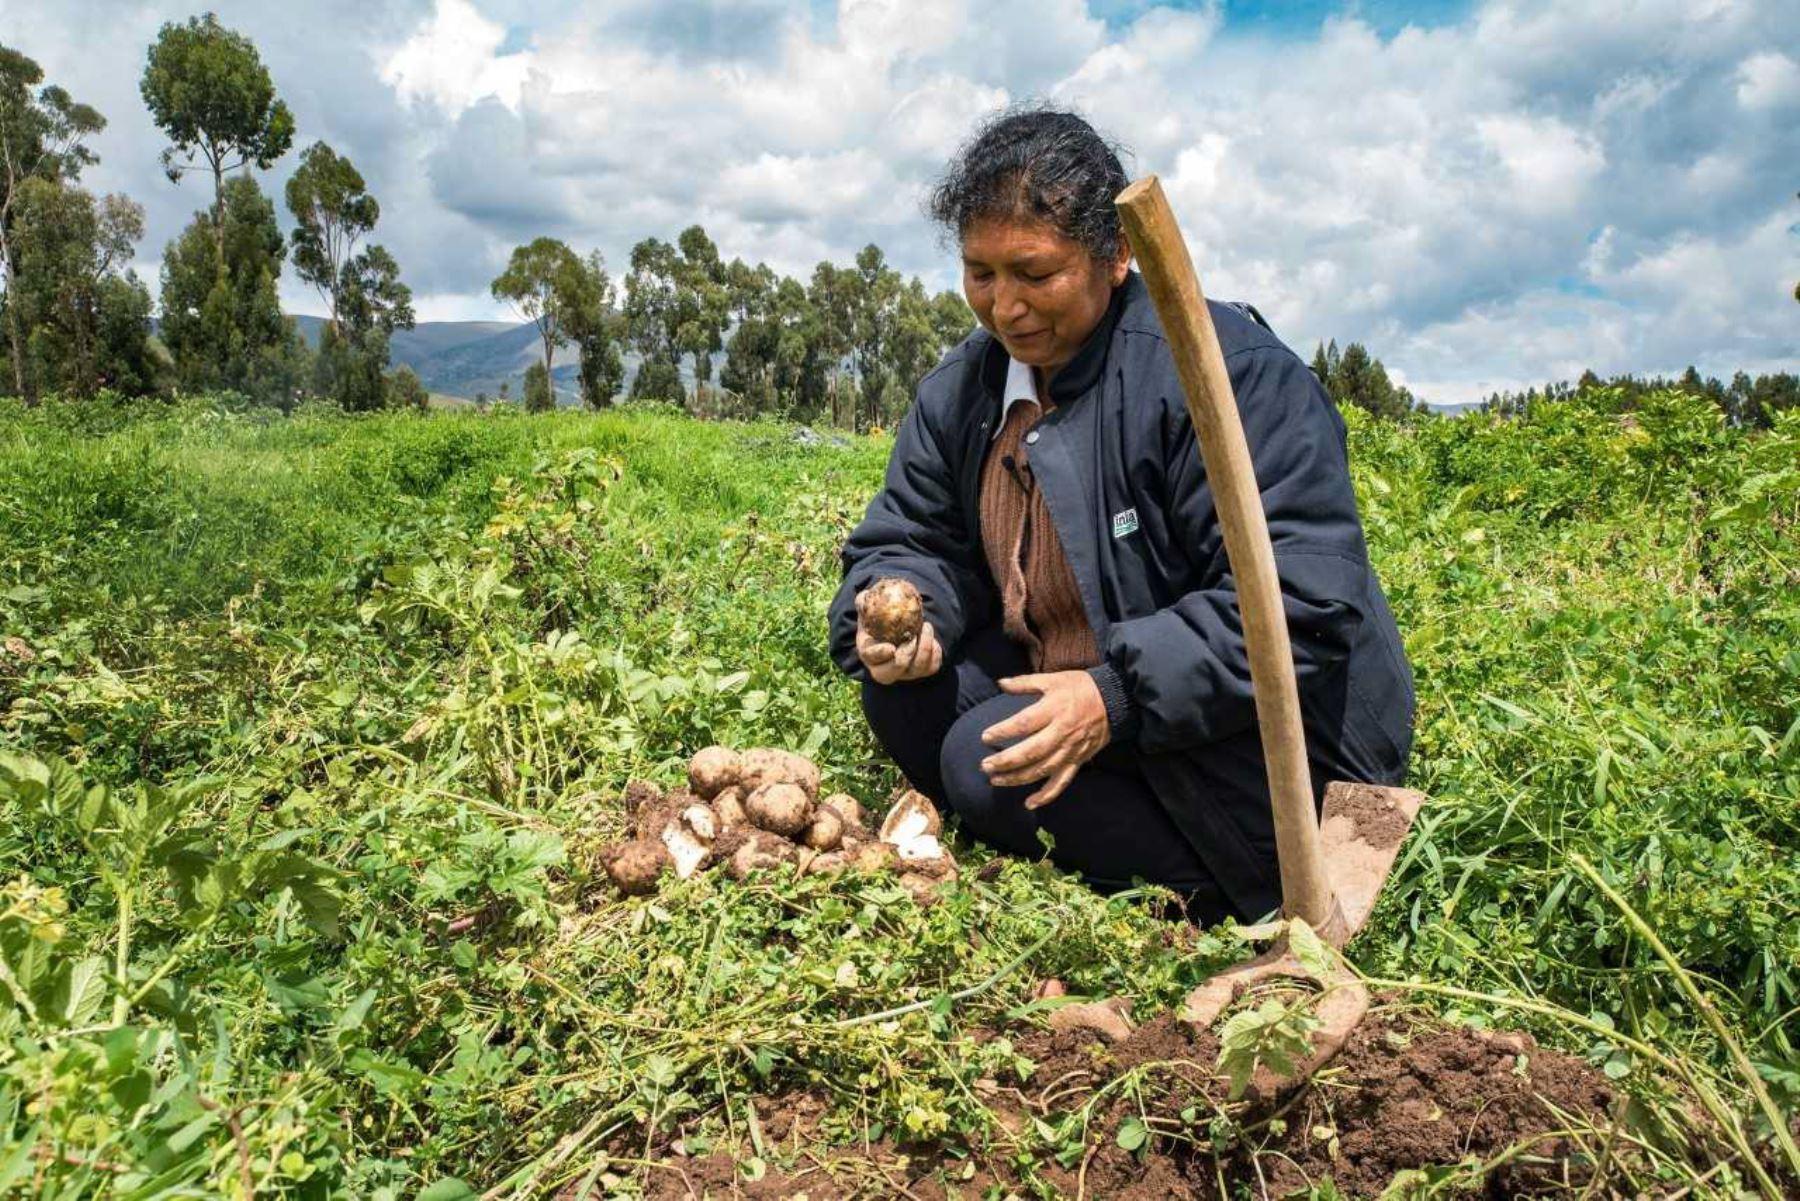 Tras más de dos años de desarrollar diversos análisis e investigaciones, el Instituto Nacional de Innovación Agraria (INIA) identificó en la sierra del Perú nuevas variedades de papa con resistencia genética a efectos del cambio climático, mejorando la competitividad del cultivo con el incremento de la producción.